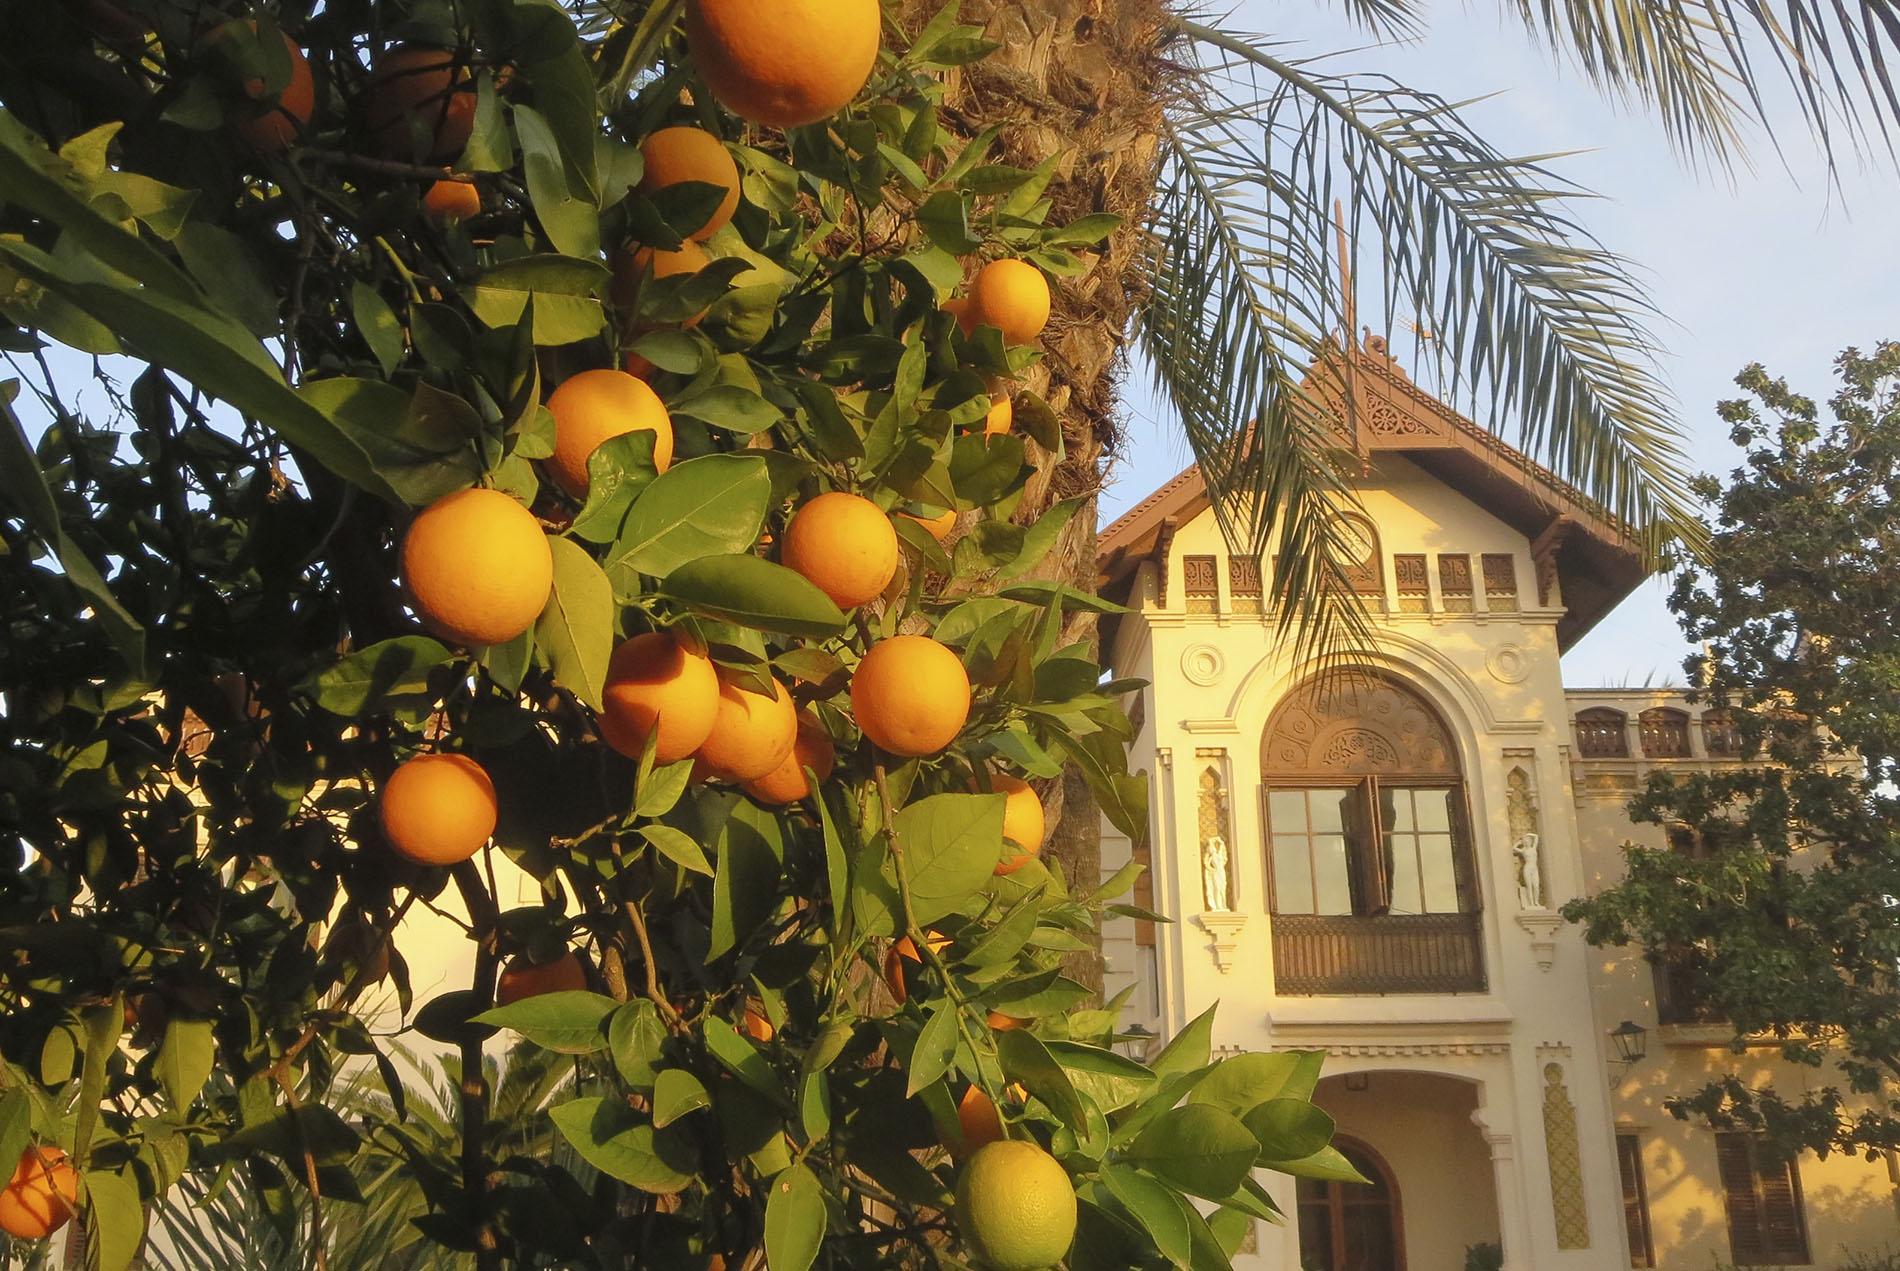 comprar-naranjas-online-naranjas-ribera-fotos-antiguas-huerto-san-vicente_0000_HUERTO NARANJAS HORIZONTAL